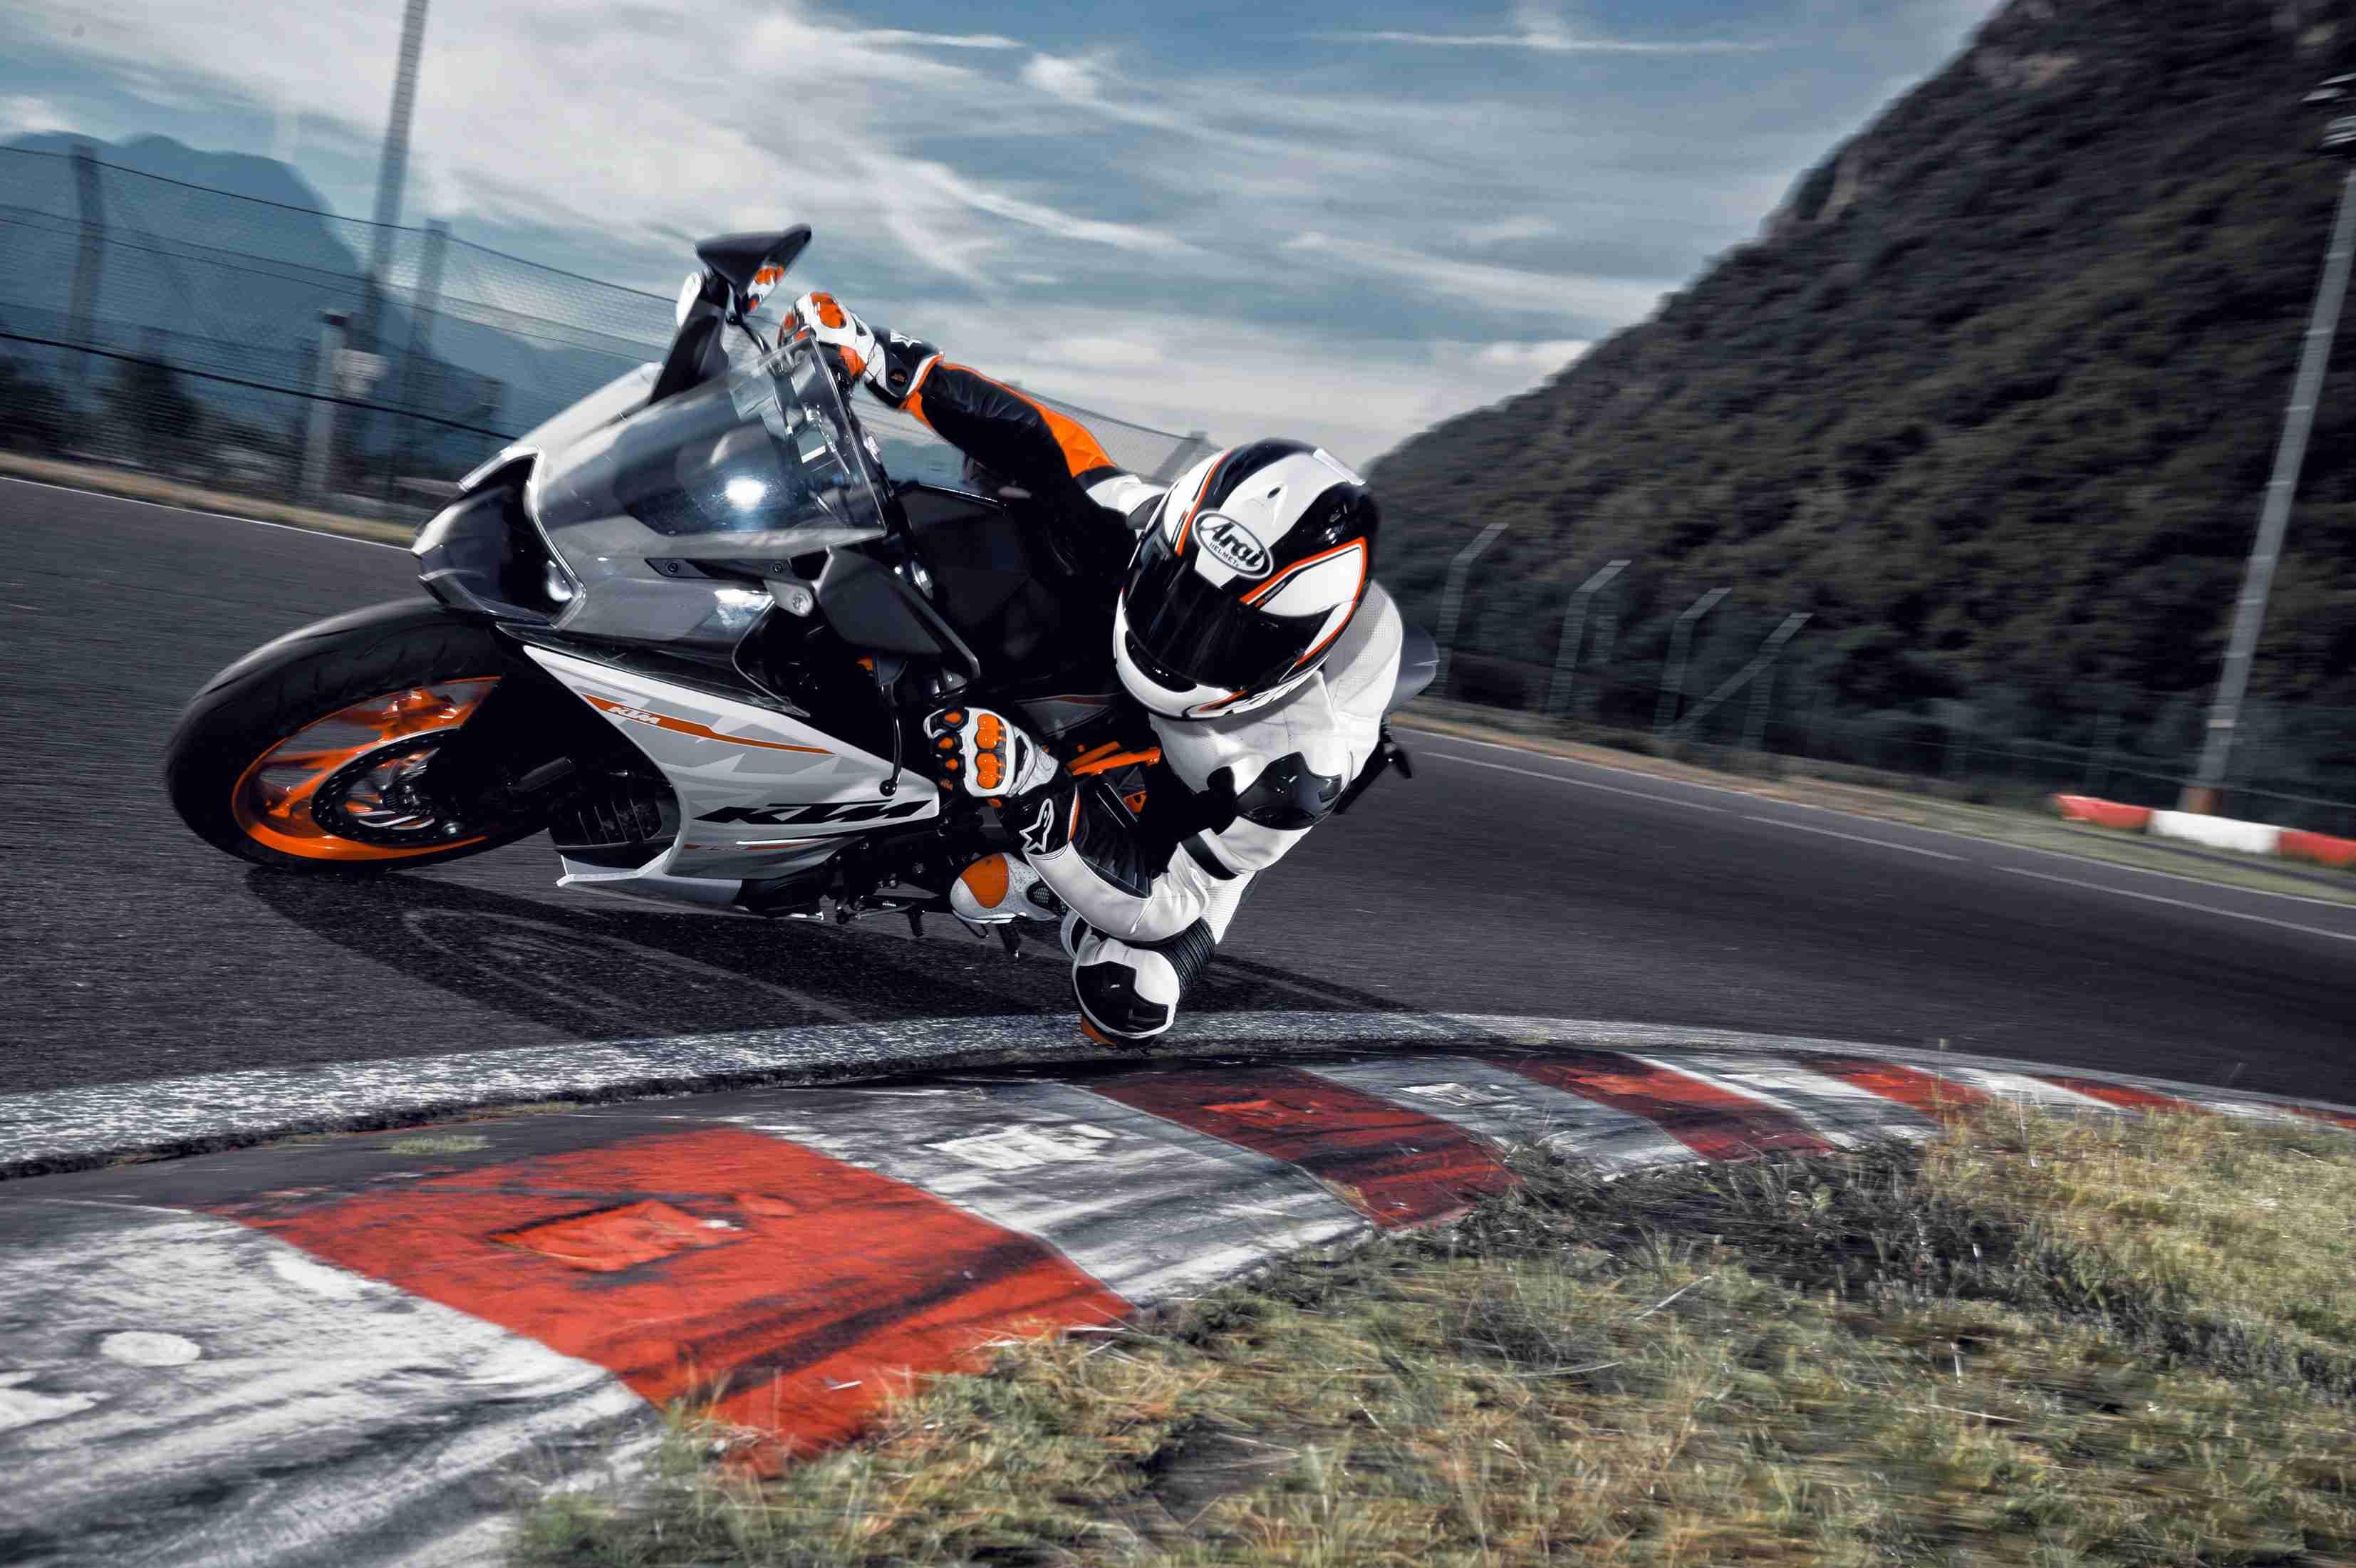 2014 KTM RC390 India - 05